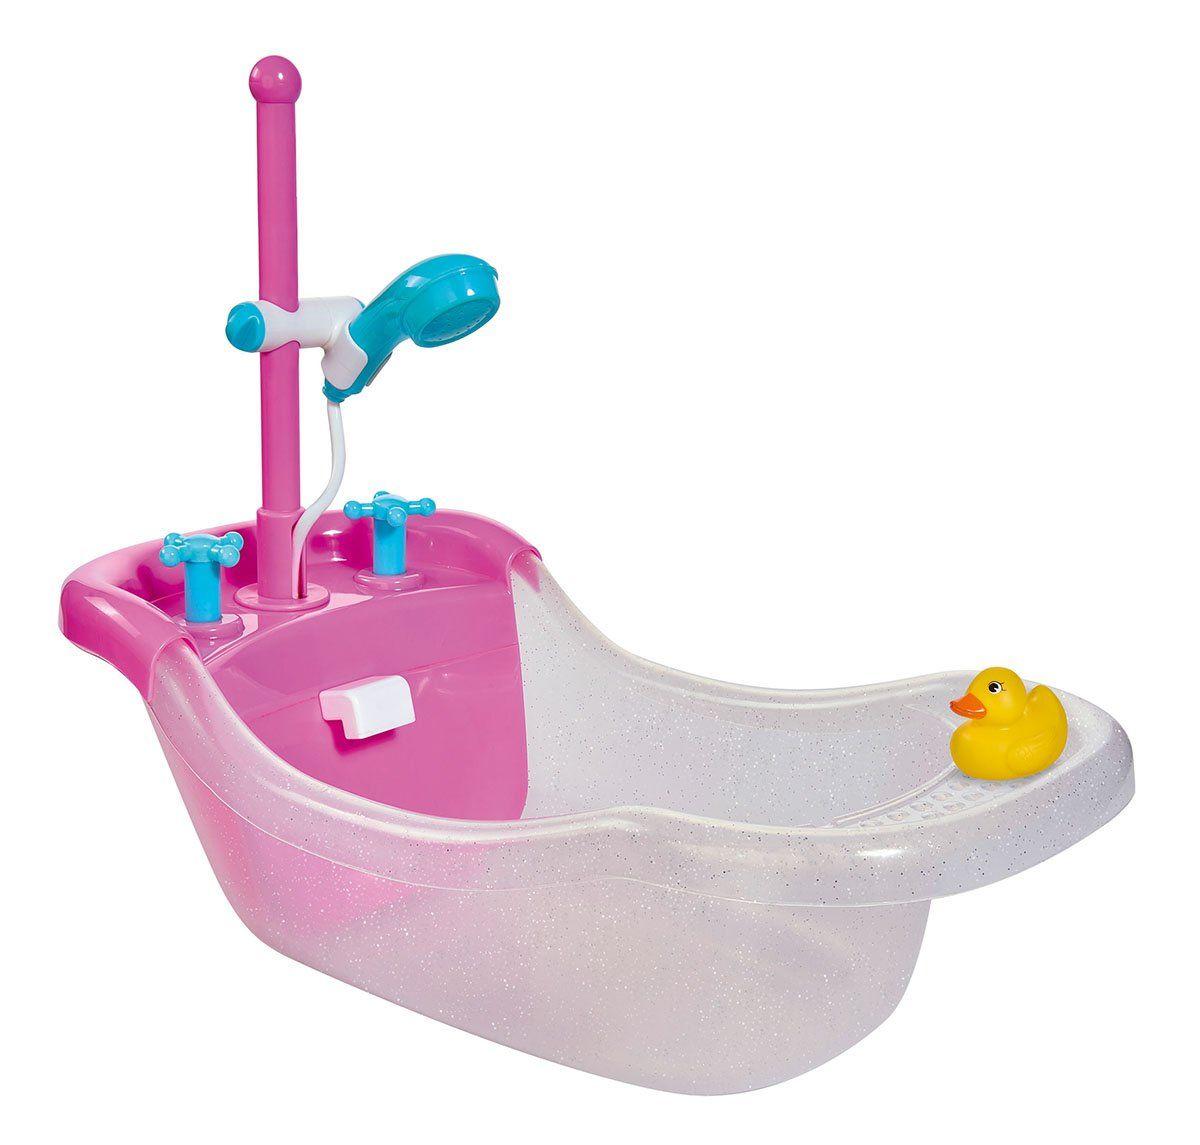 Der Spielzeugtester Hat Das Simba 105560054 New Born Baby Badewanne Puppe Angeschaut Und Empfiehlt Es Hier Im Shop Dieser Artikel In 2020 Badewanne Spielzeug Puppen